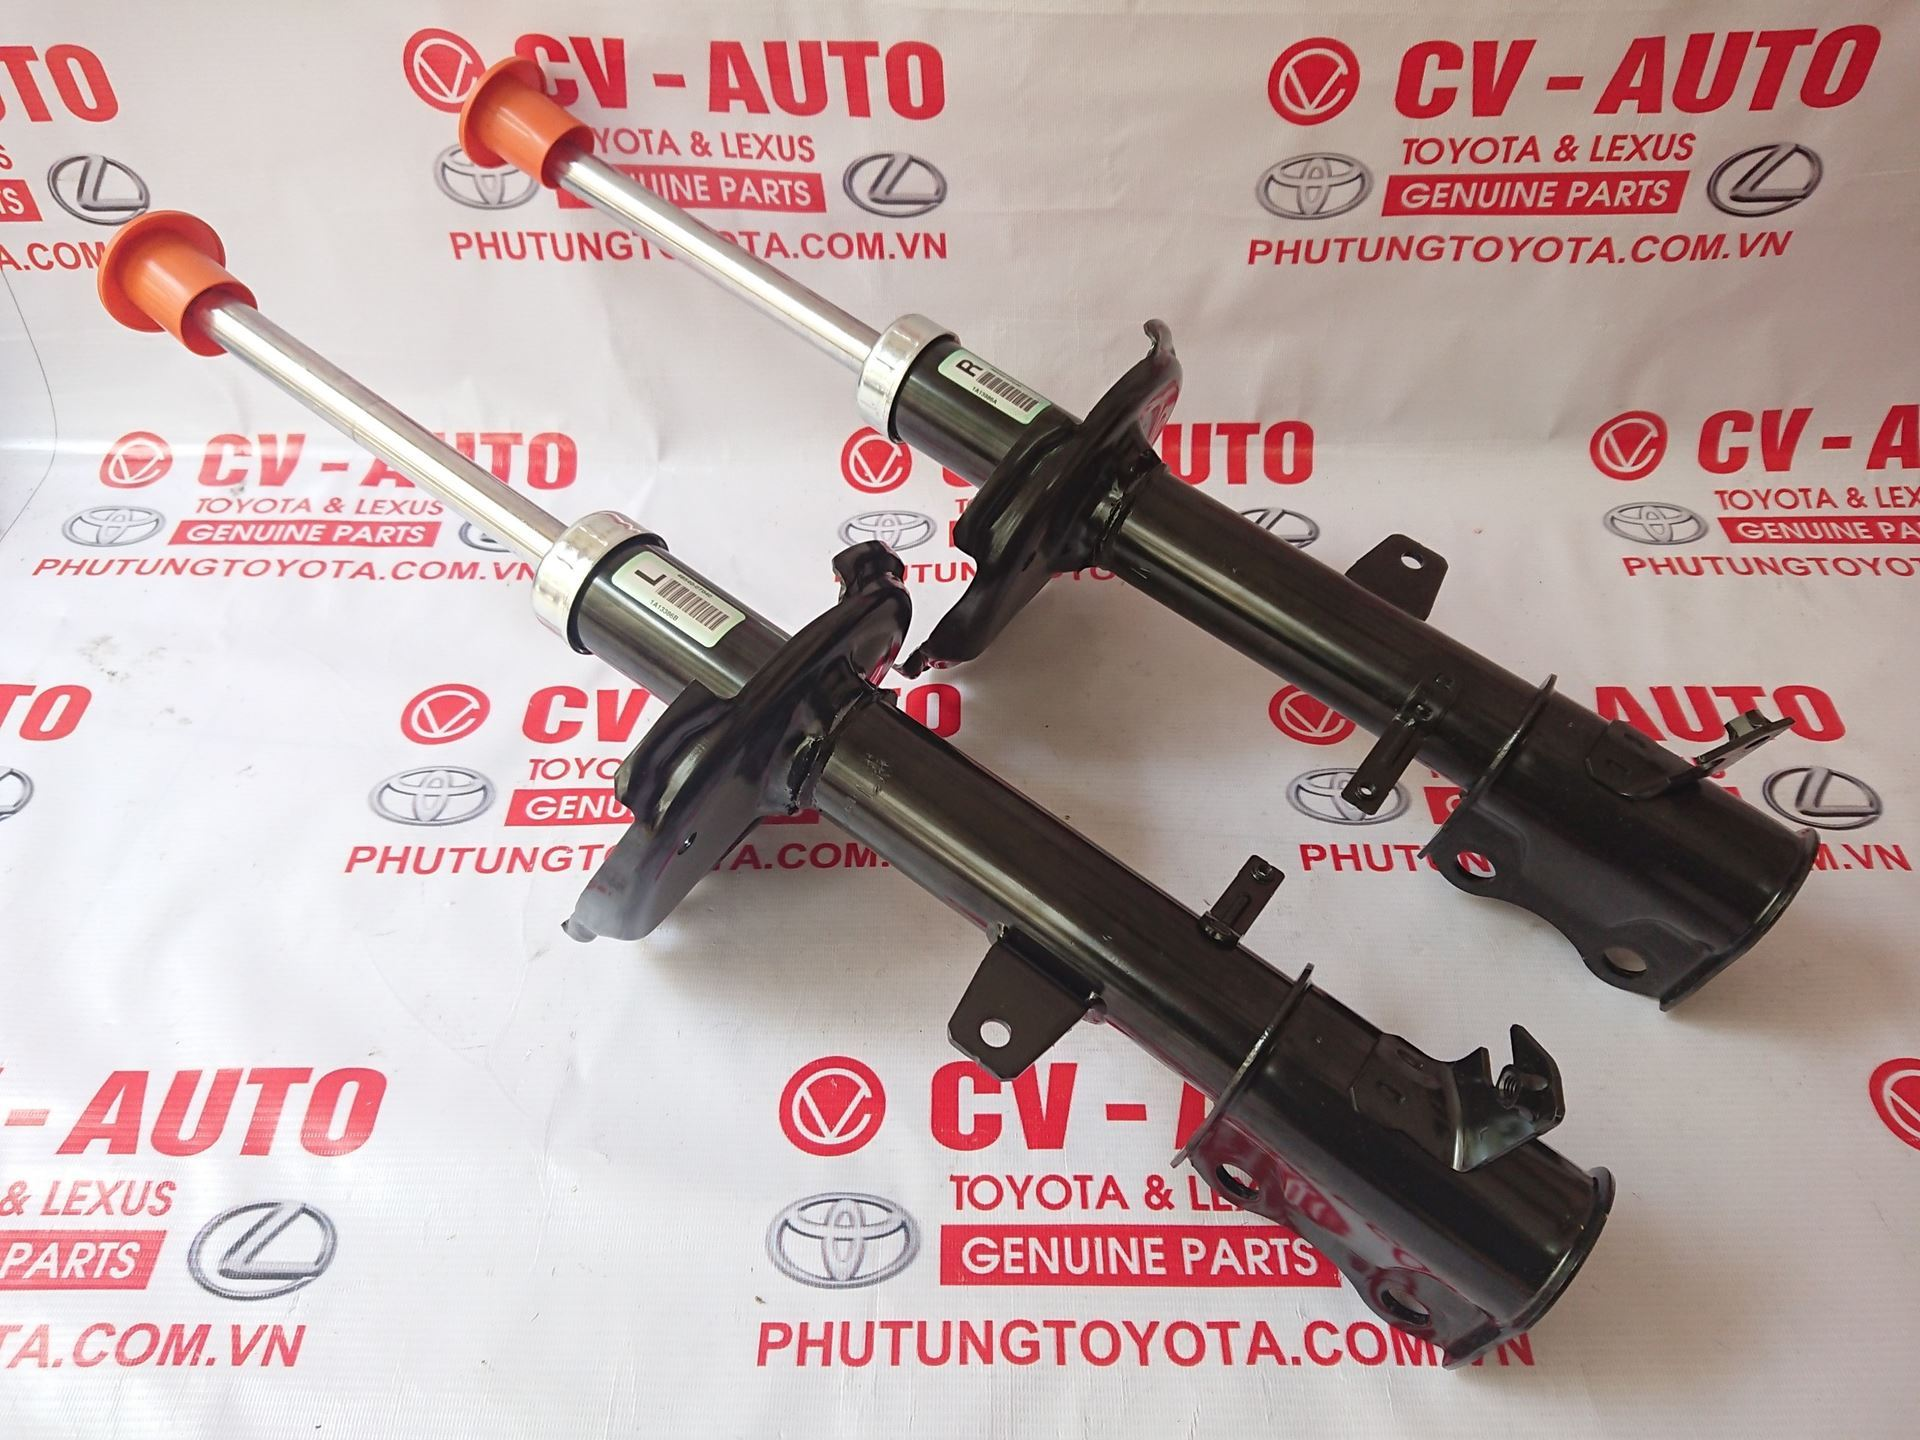 Picture of 48530-80526 48540-80009 Giảm xóc sau Toyota Venza 2 cầu hàng chính hãng.